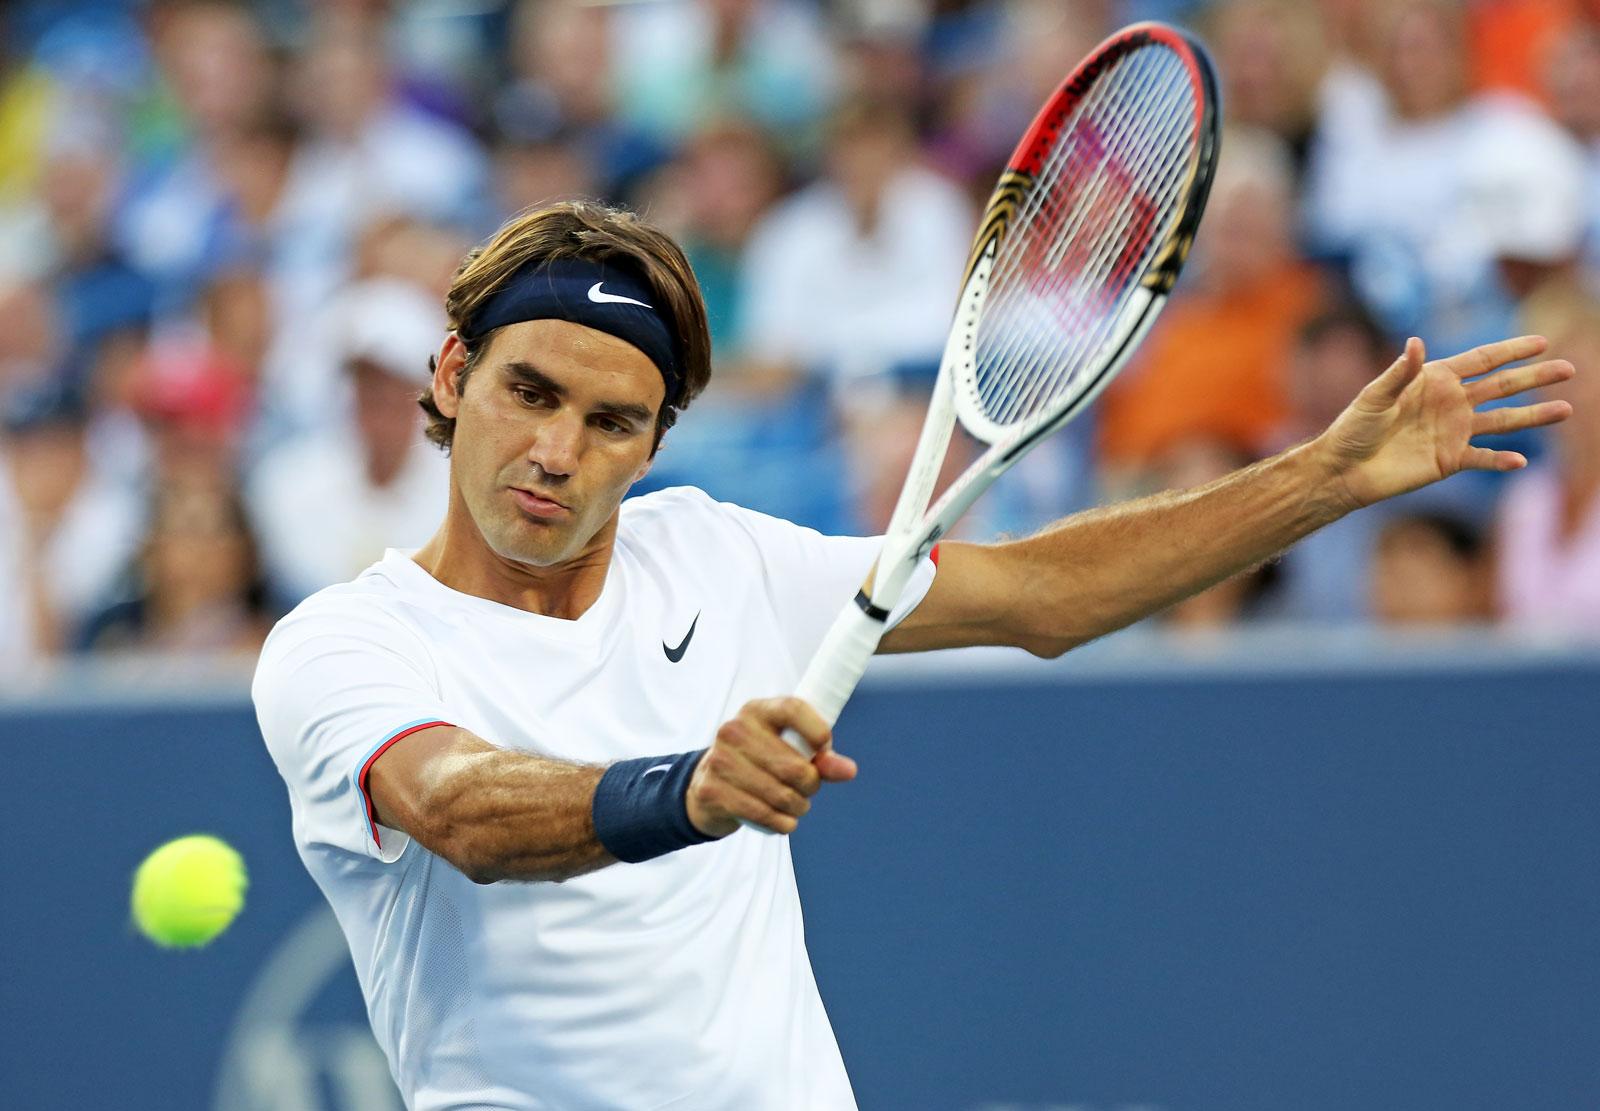 Roger Federer: Birthday